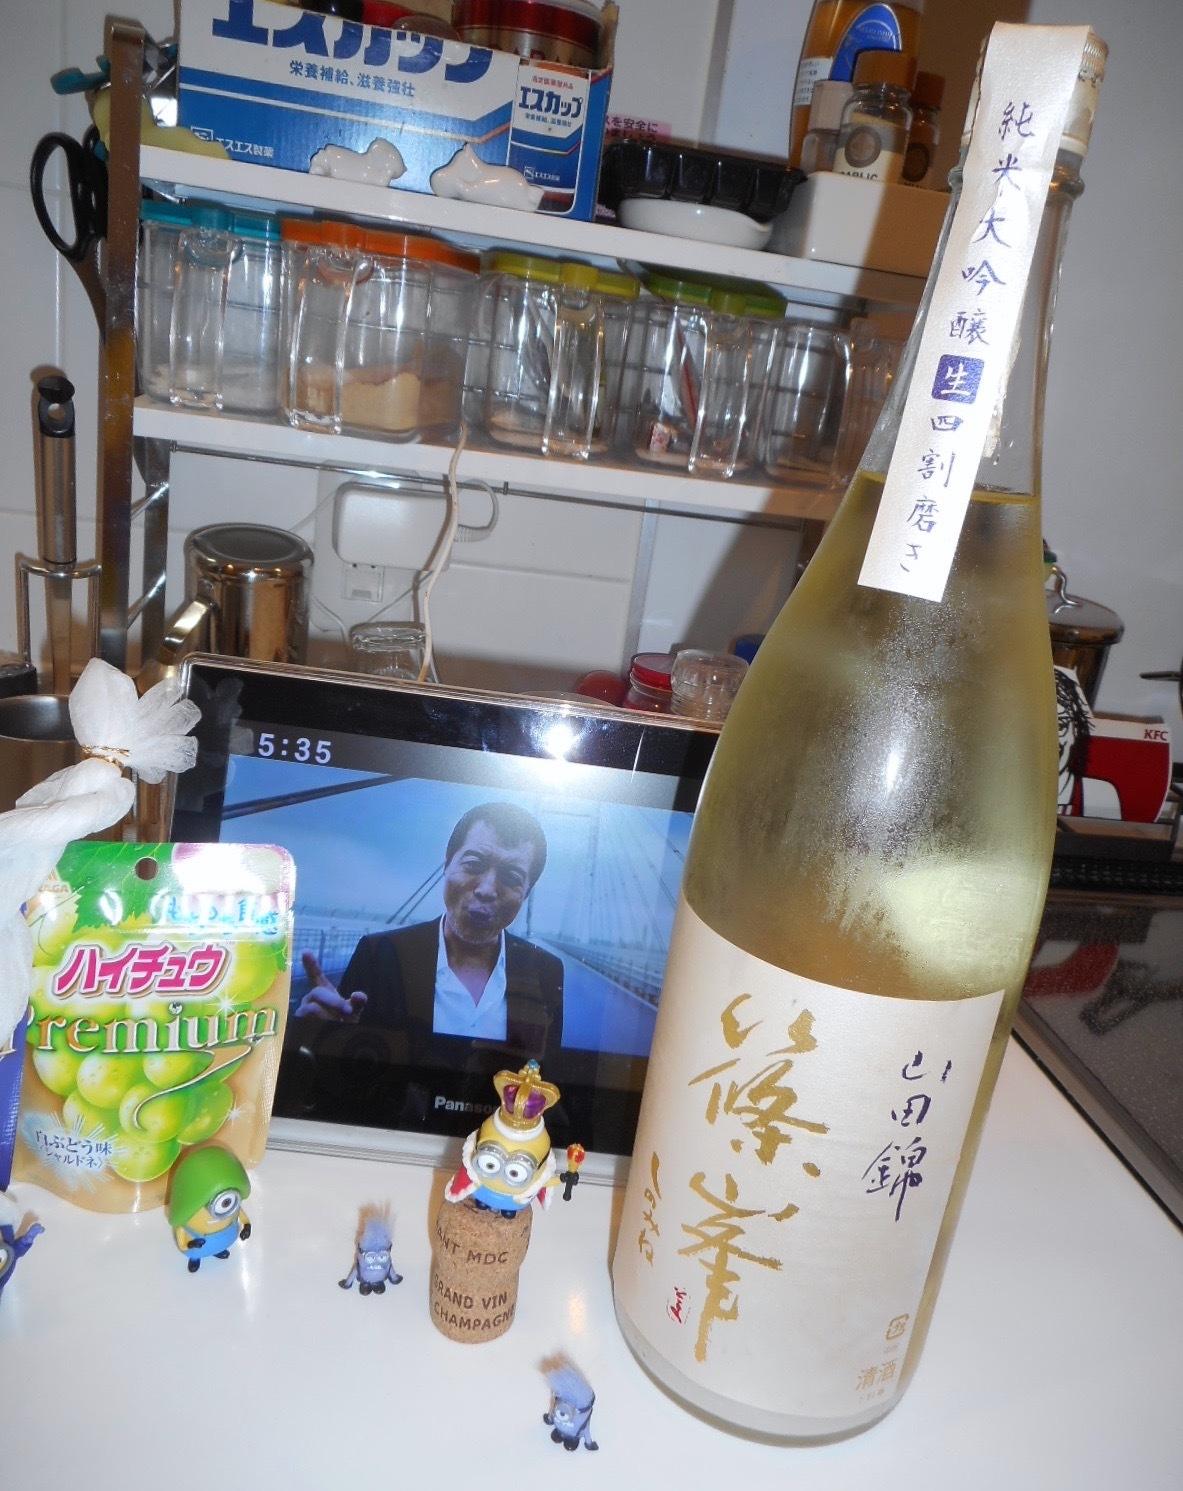 shinomine_yamada40nama26by3.jpg